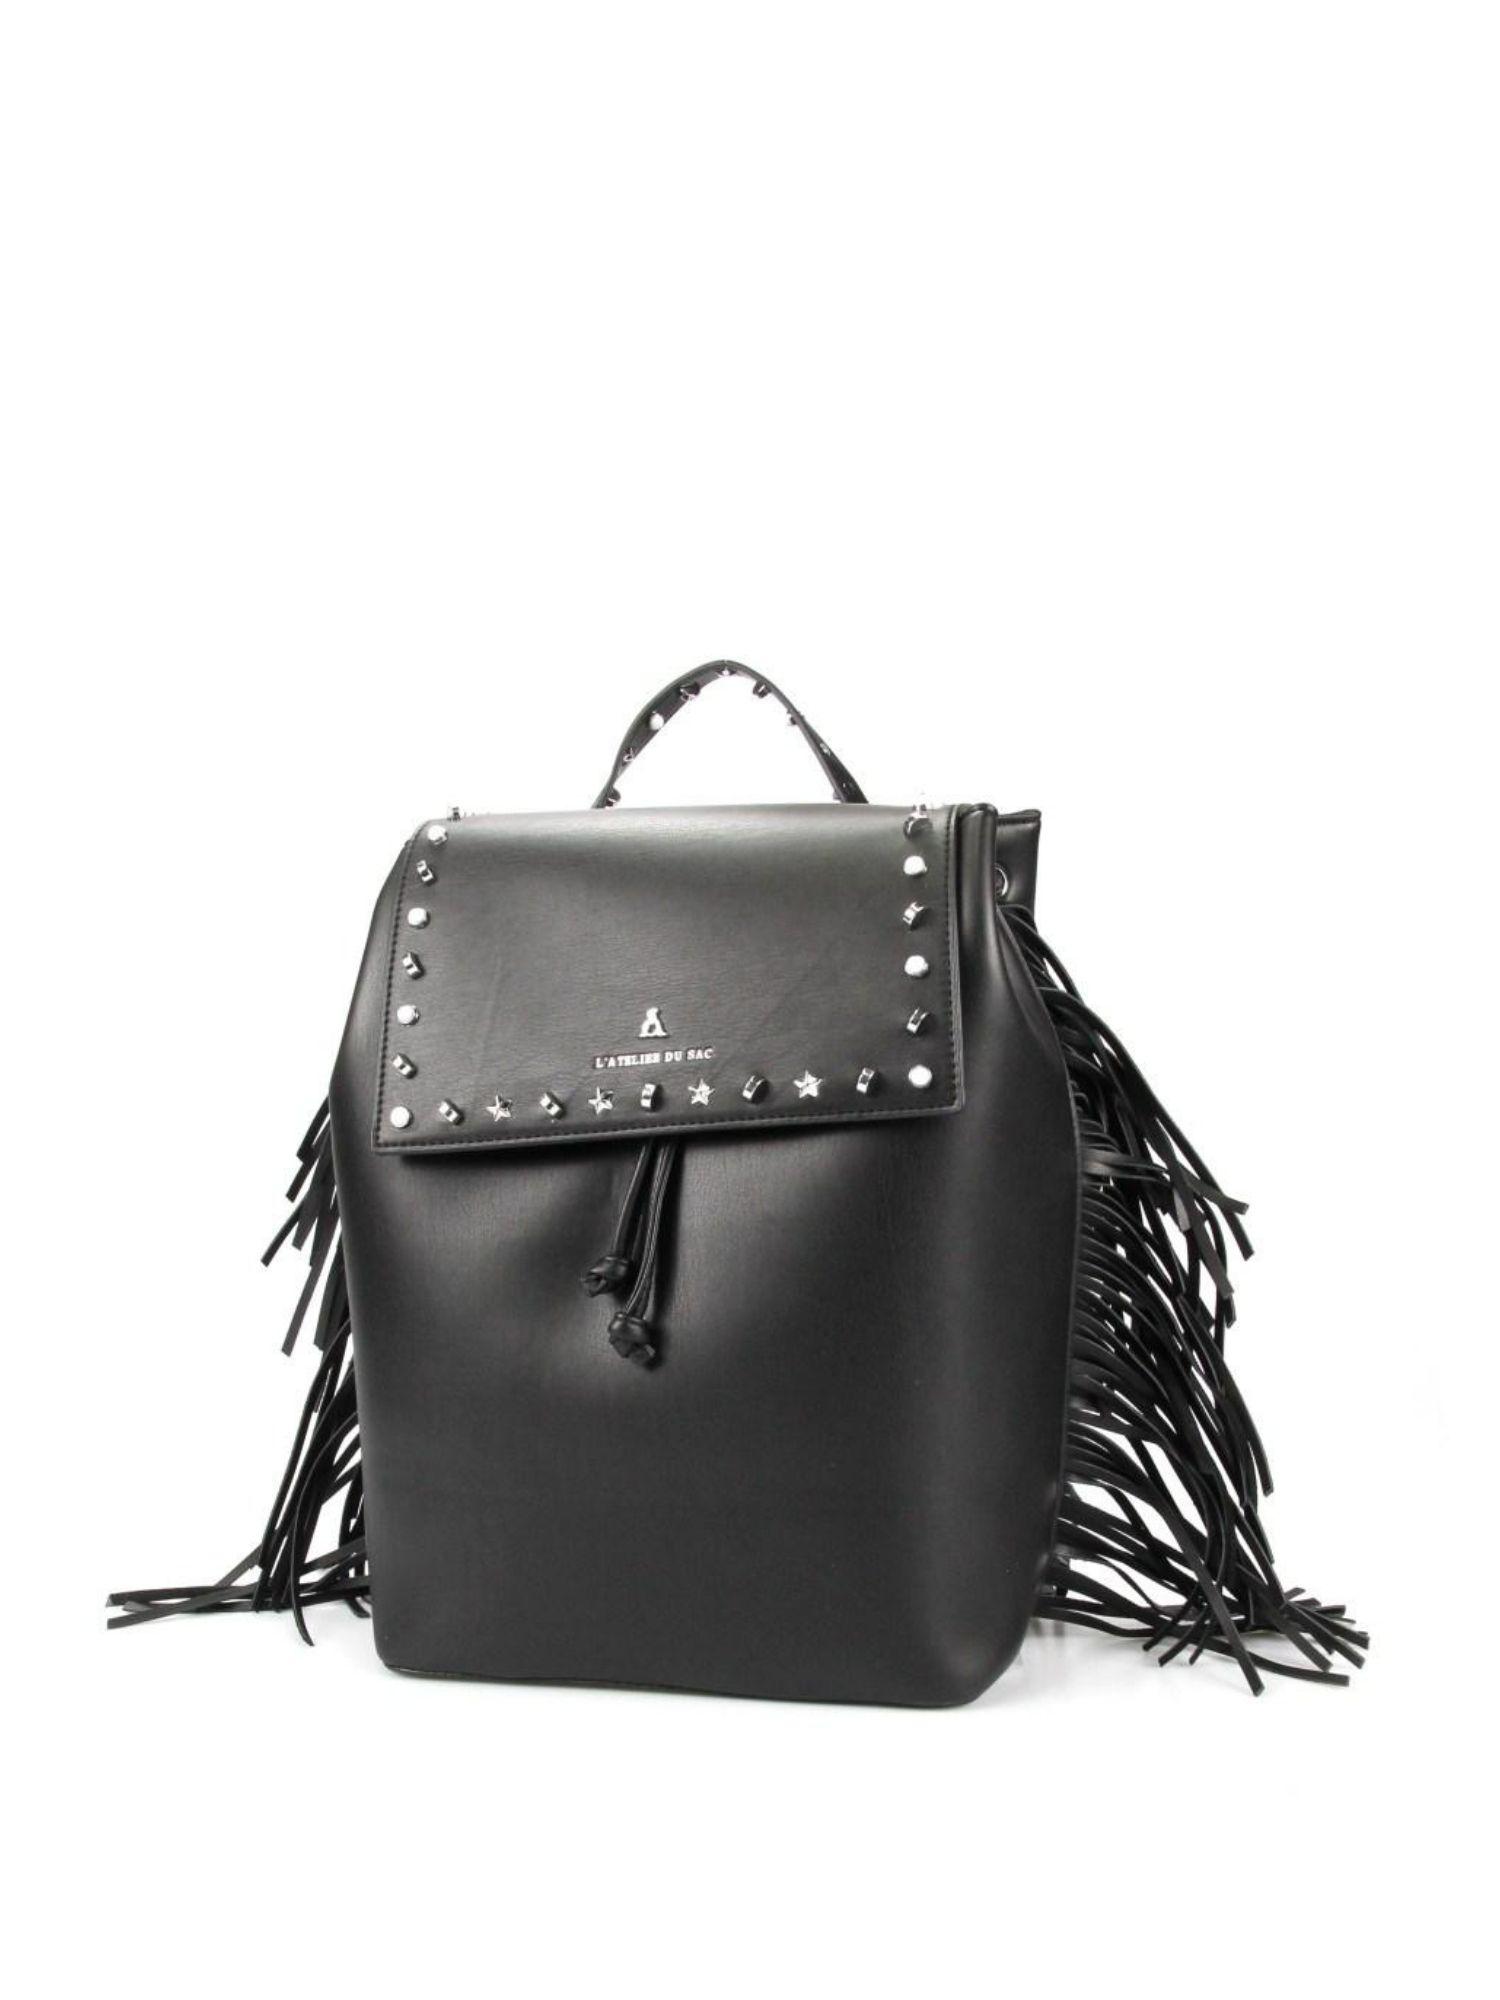 Zaino Pash Bag Atelier du sac 10902 Nero